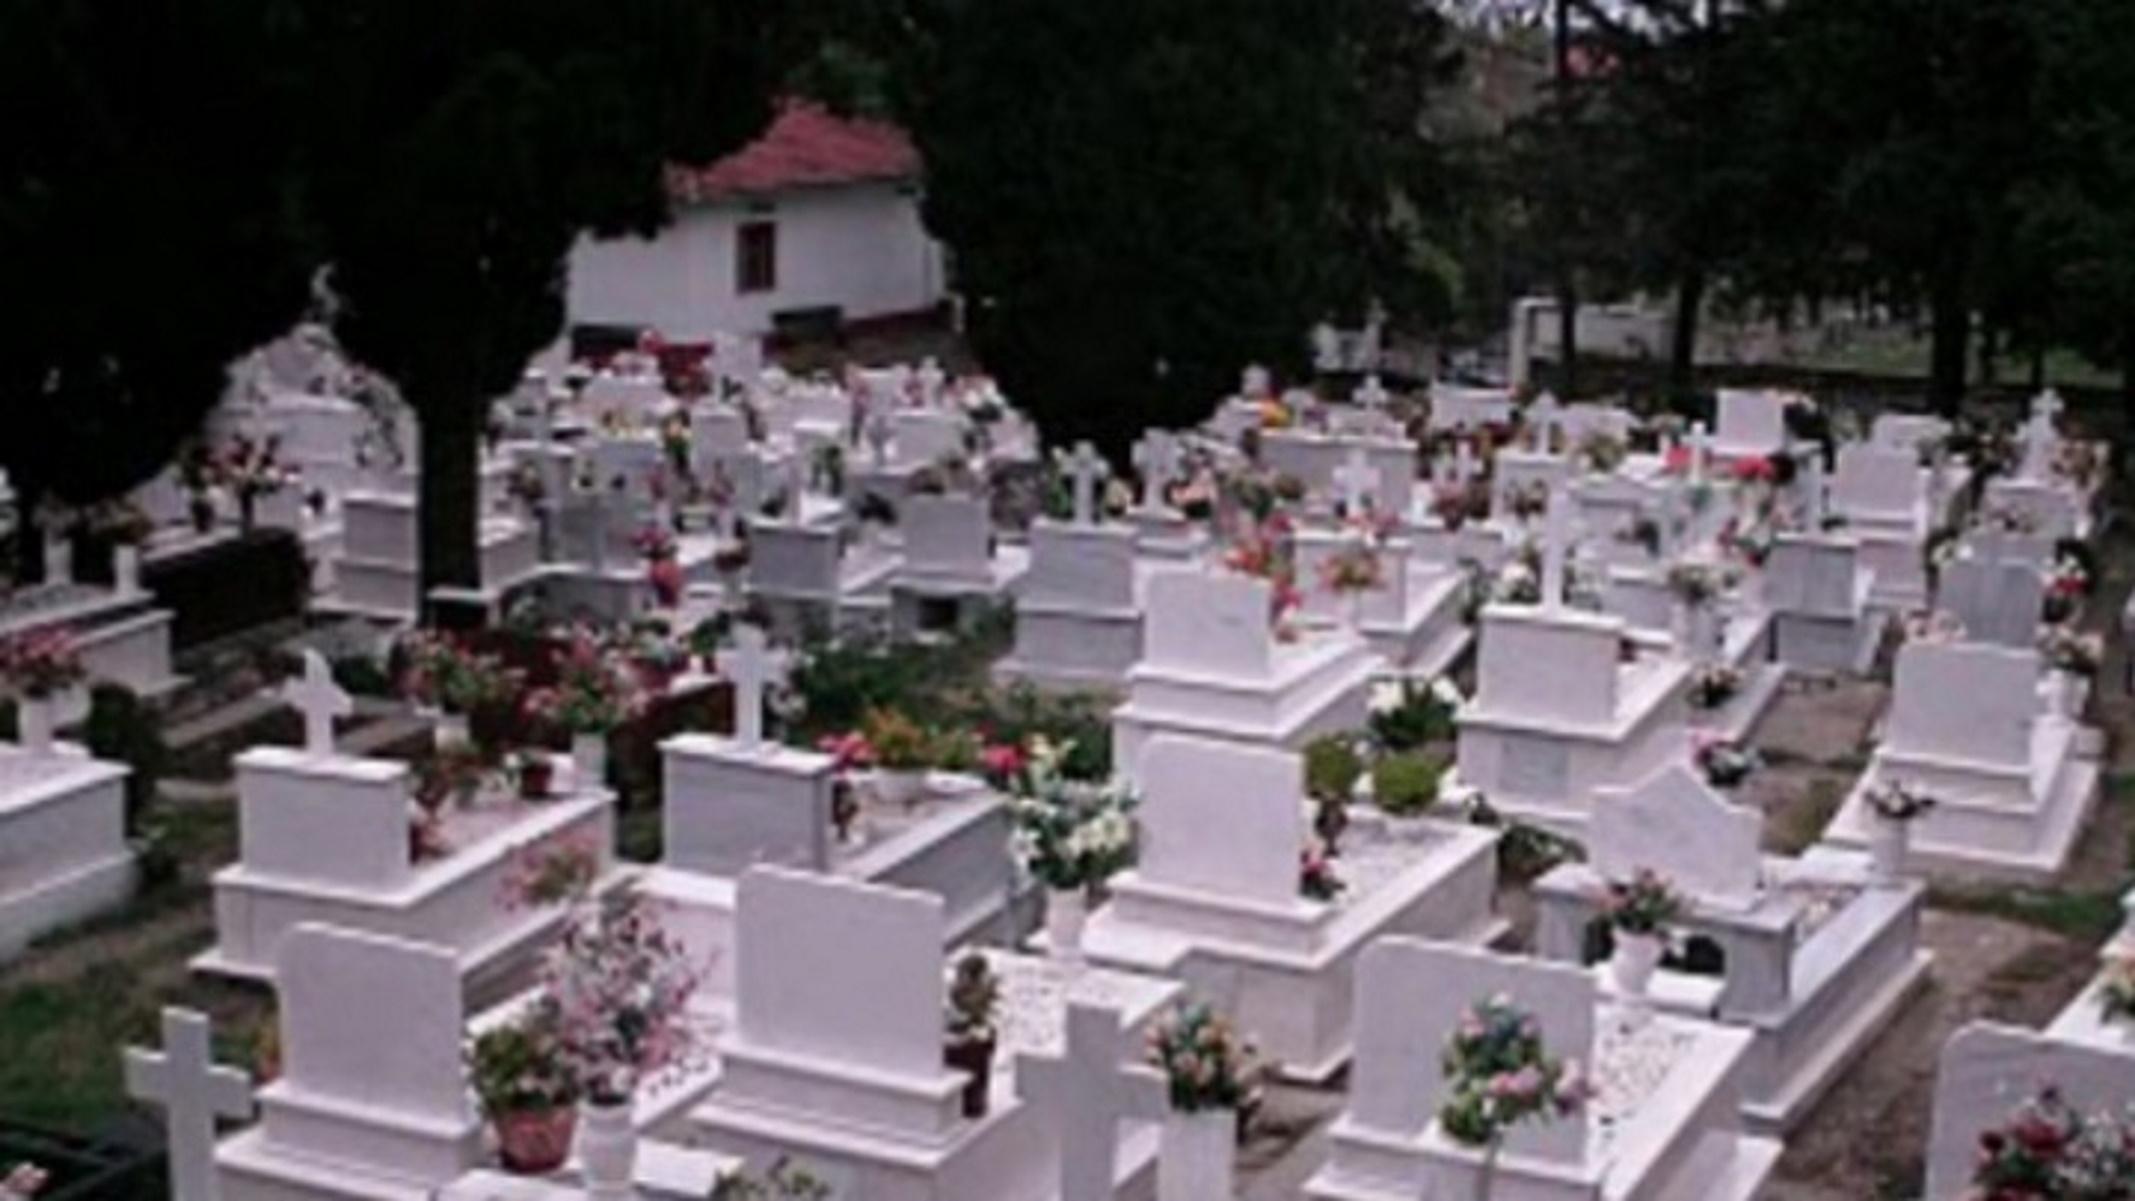 Ευαγγελίστρια Θεσσαλονίκης: Αλλάζουν όψη τα ιστορικά κοιμητήρια